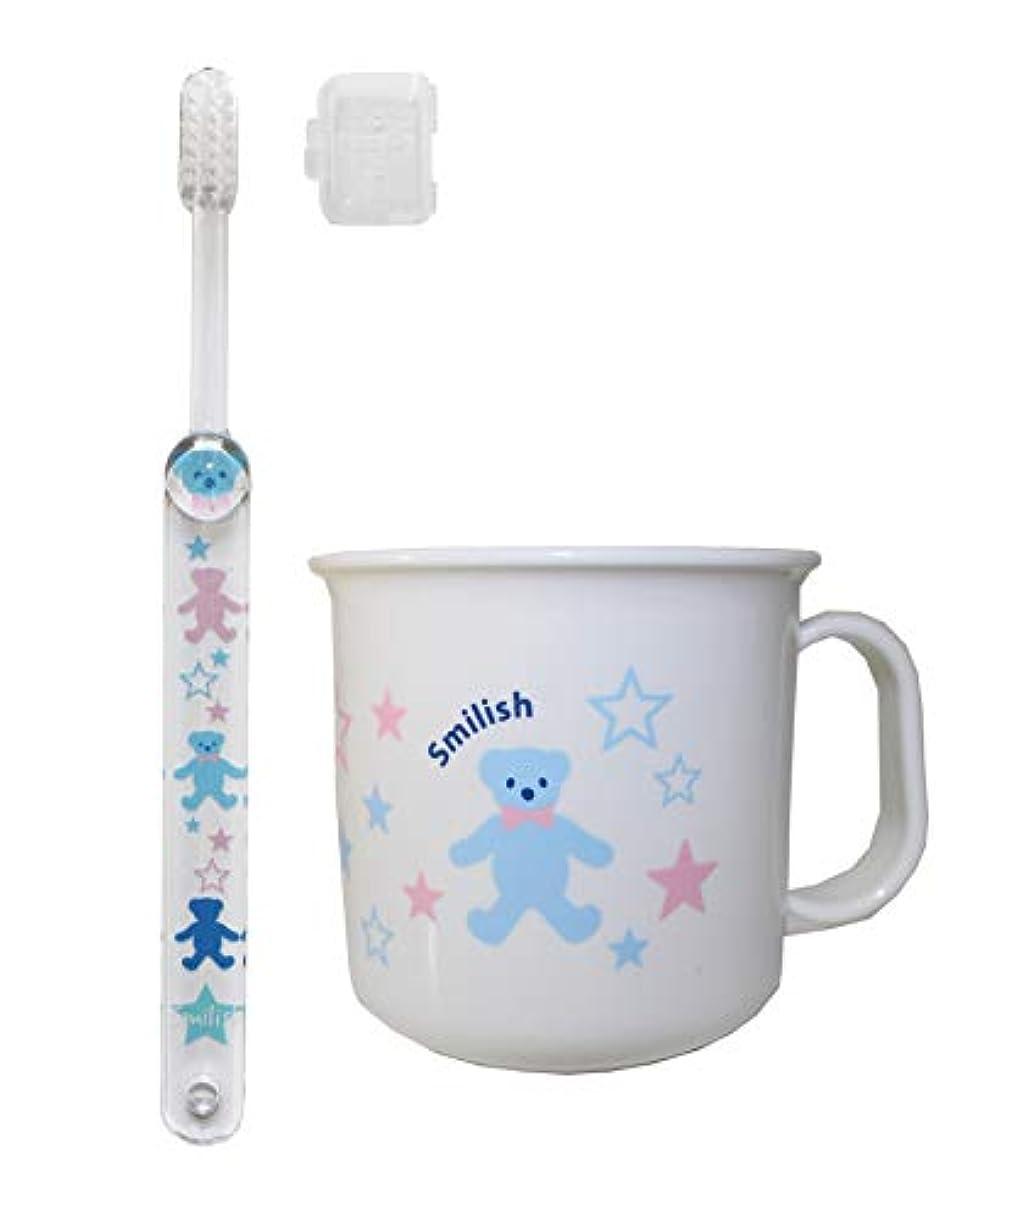 別にラフ大胆な子ども歯ブラシ(キャップ付き) 耐熱コップセット ABCくま柄